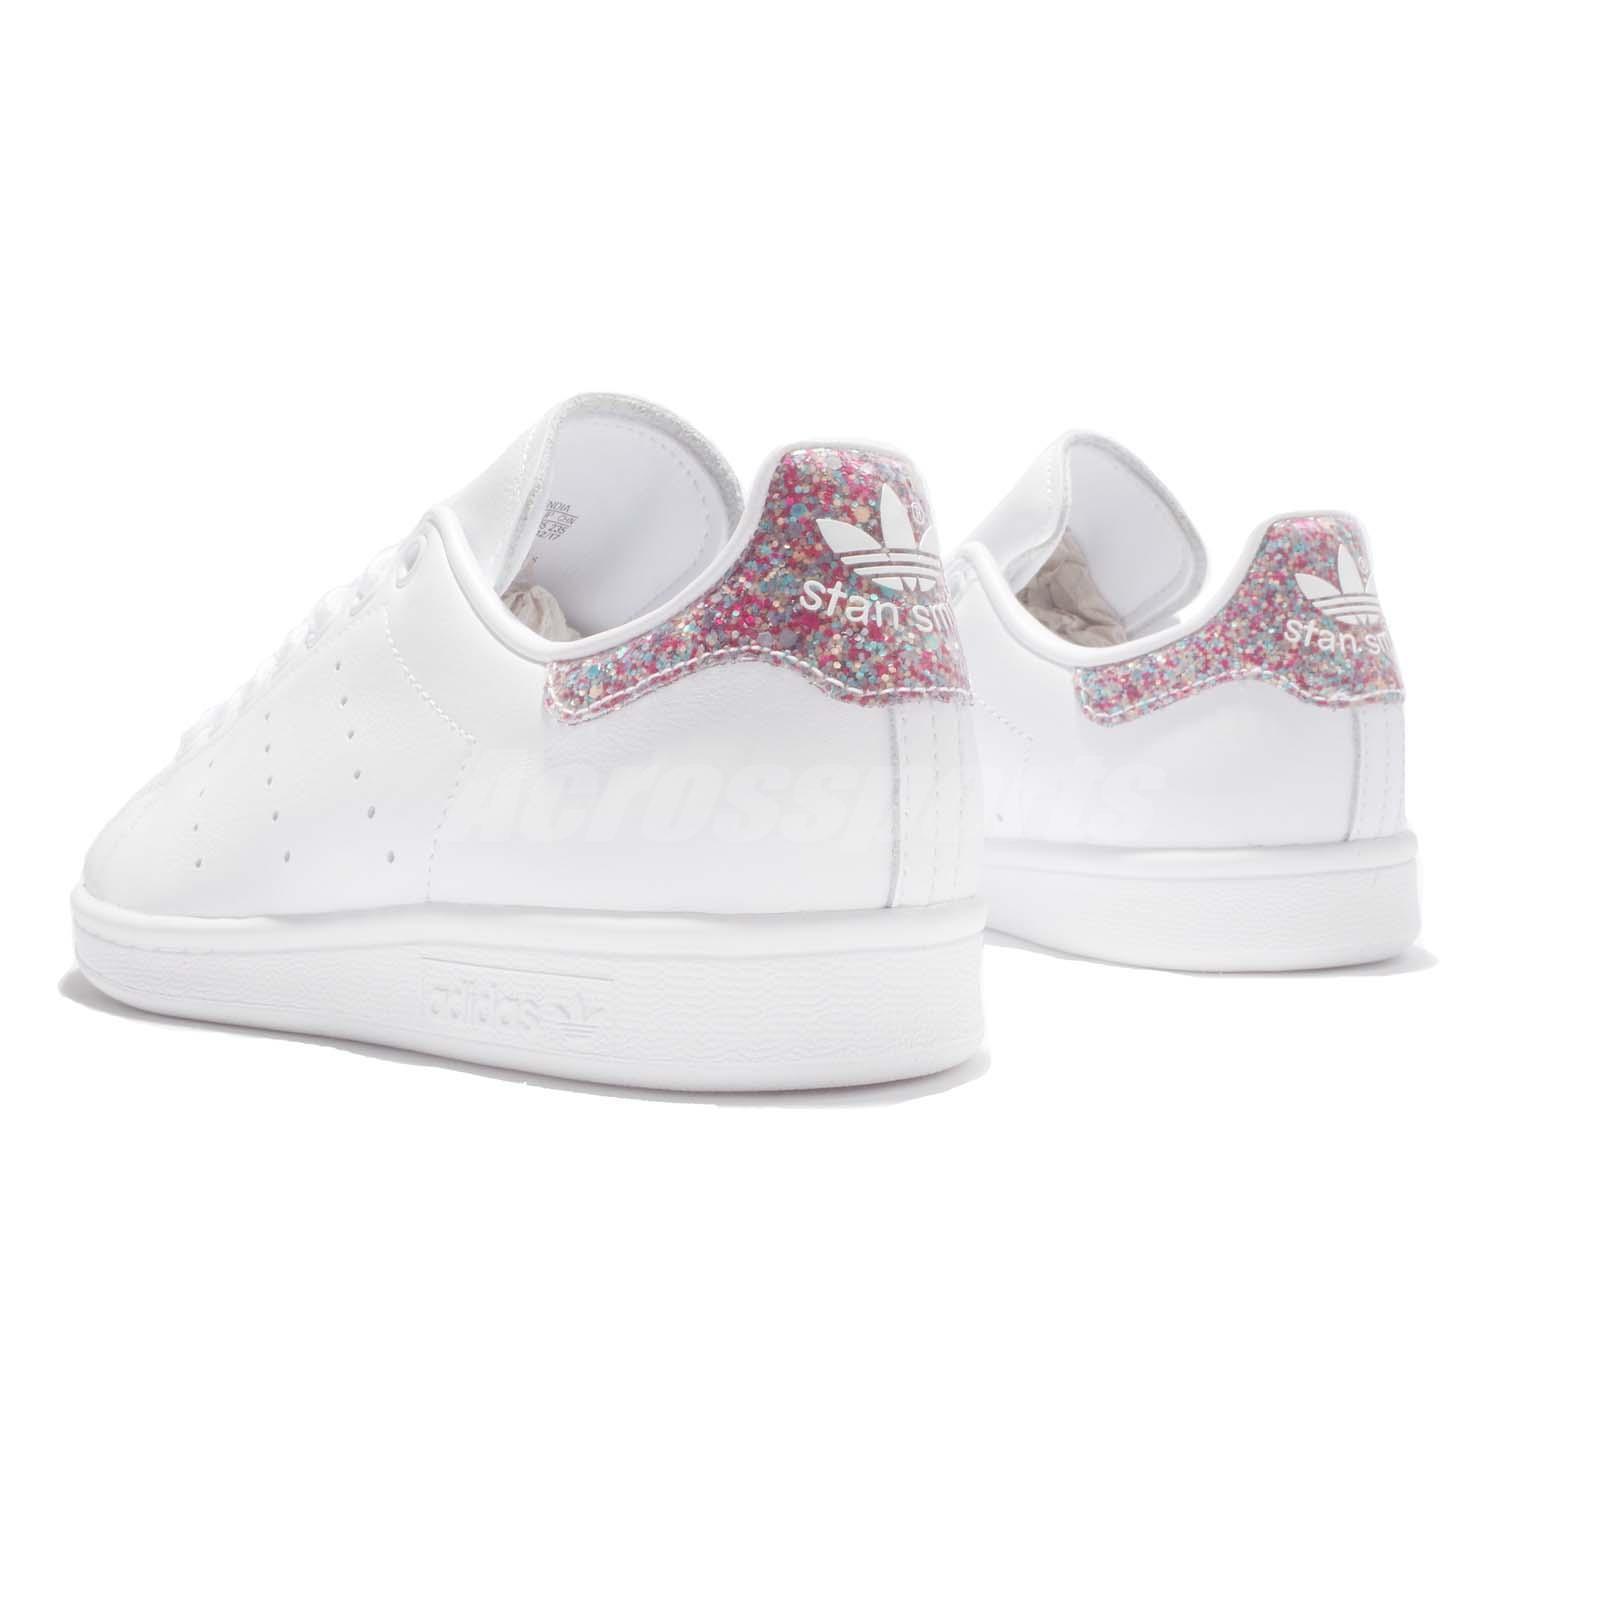 Adidas Stan Smith bianca stelle in glitter mod Cometa lilla